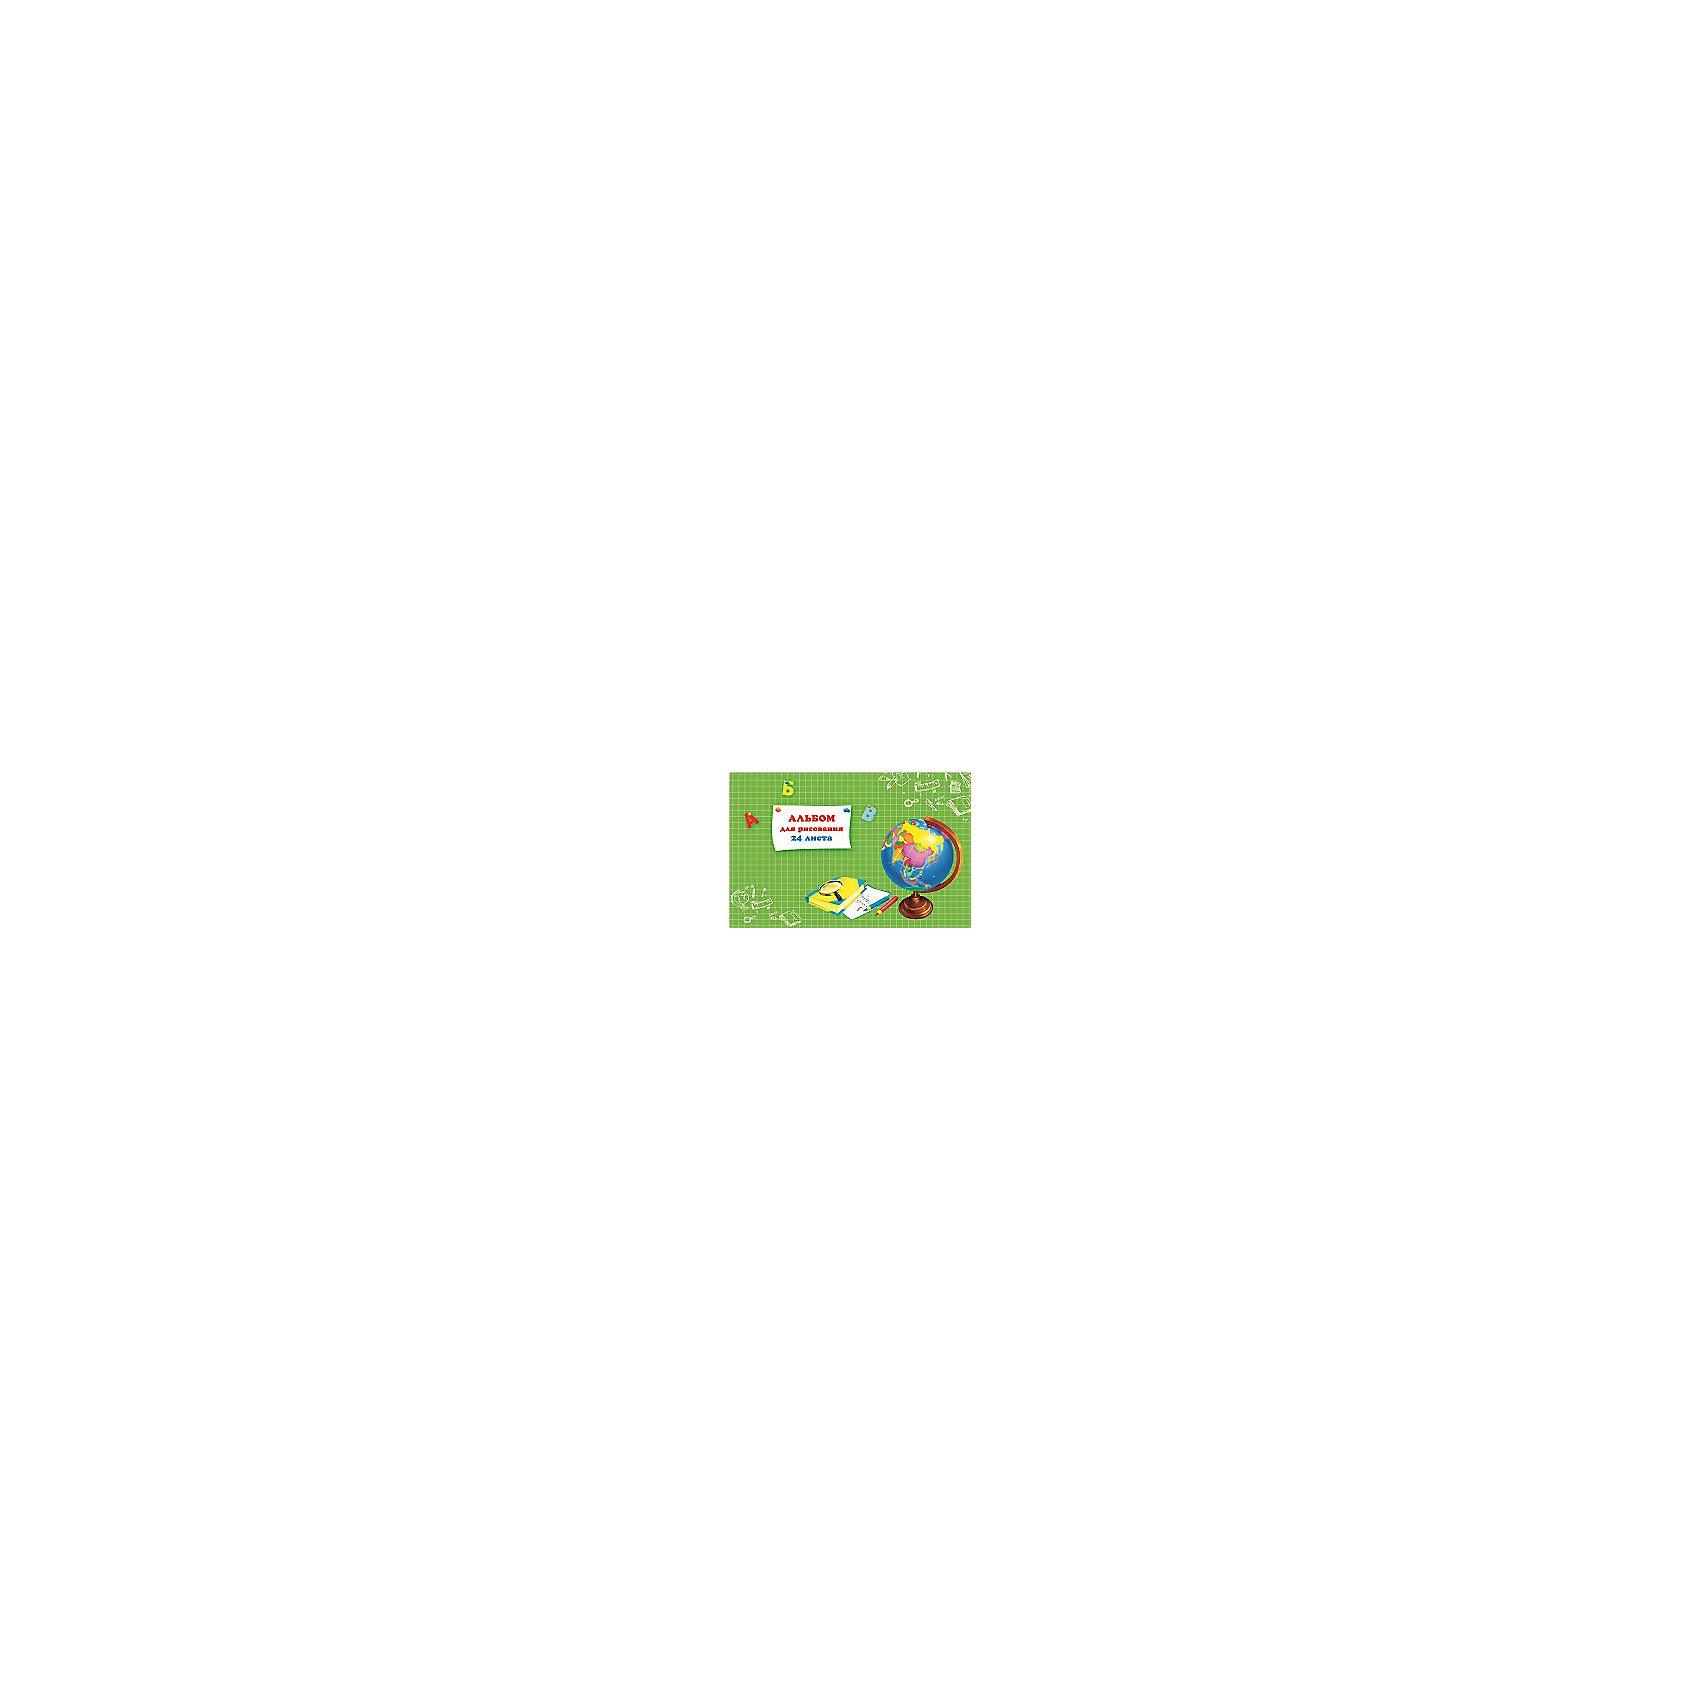 Альбом для рисования Глобус и книги, 24лБумажная продукция<br>Скоро 1 сентября, а значит Вашему ребенку обязательно понадобиться альбом для рисования!<br><br>Дополнительная информация:<br><br>- Возраст: от 3 лет.<br>- 24 листа.<br>- Орнамент: глобус и книги.<br>- Формат: А4.<br>- Материал: бумага, картон.<br>- Размер упаковки: 29х20х0,5 см.<br>- Вес в упаковке: 160 г.<br><br>Купить альбом для рисования Глобус и книги можно в нашем магазине.<br><br>Ширина мм: 290<br>Глубина мм: 200<br>Высота мм: 5<br>Вес г: 160<br>Возраст от месяцев: 36<br>Возраст до месяцев: 2147483647<br>Пол: Унисекс<br>Возраст: Детский<br>SKU: 4943469